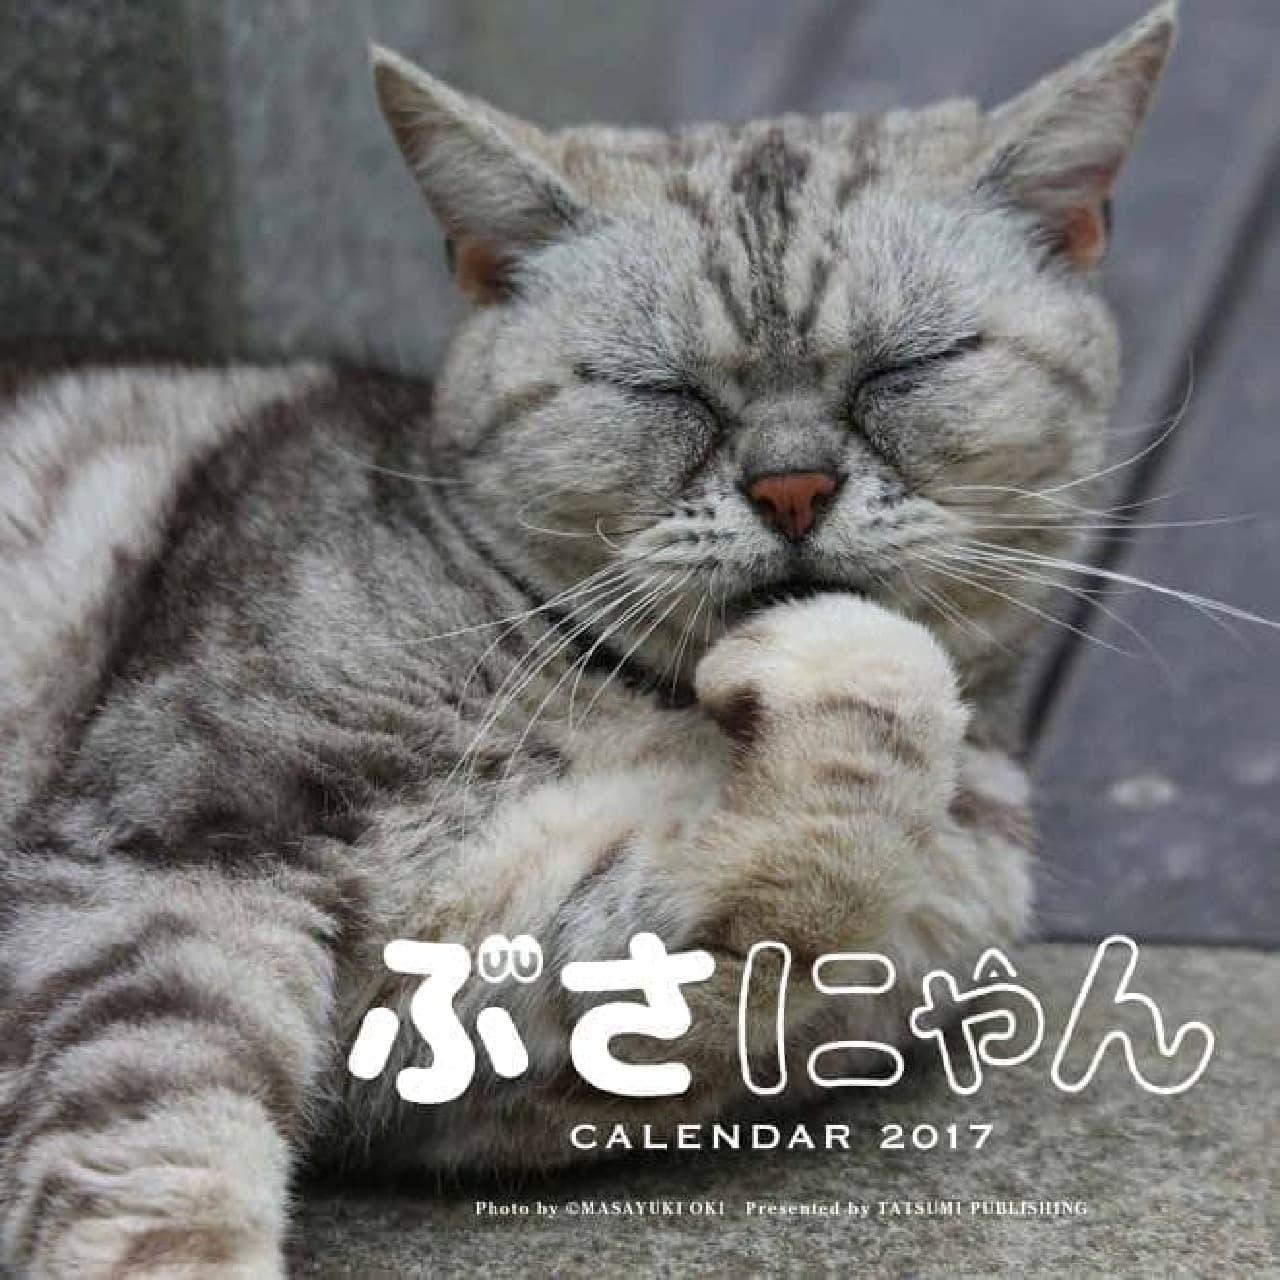 2017年カレンダー「ぶさにゃんカレンダー」